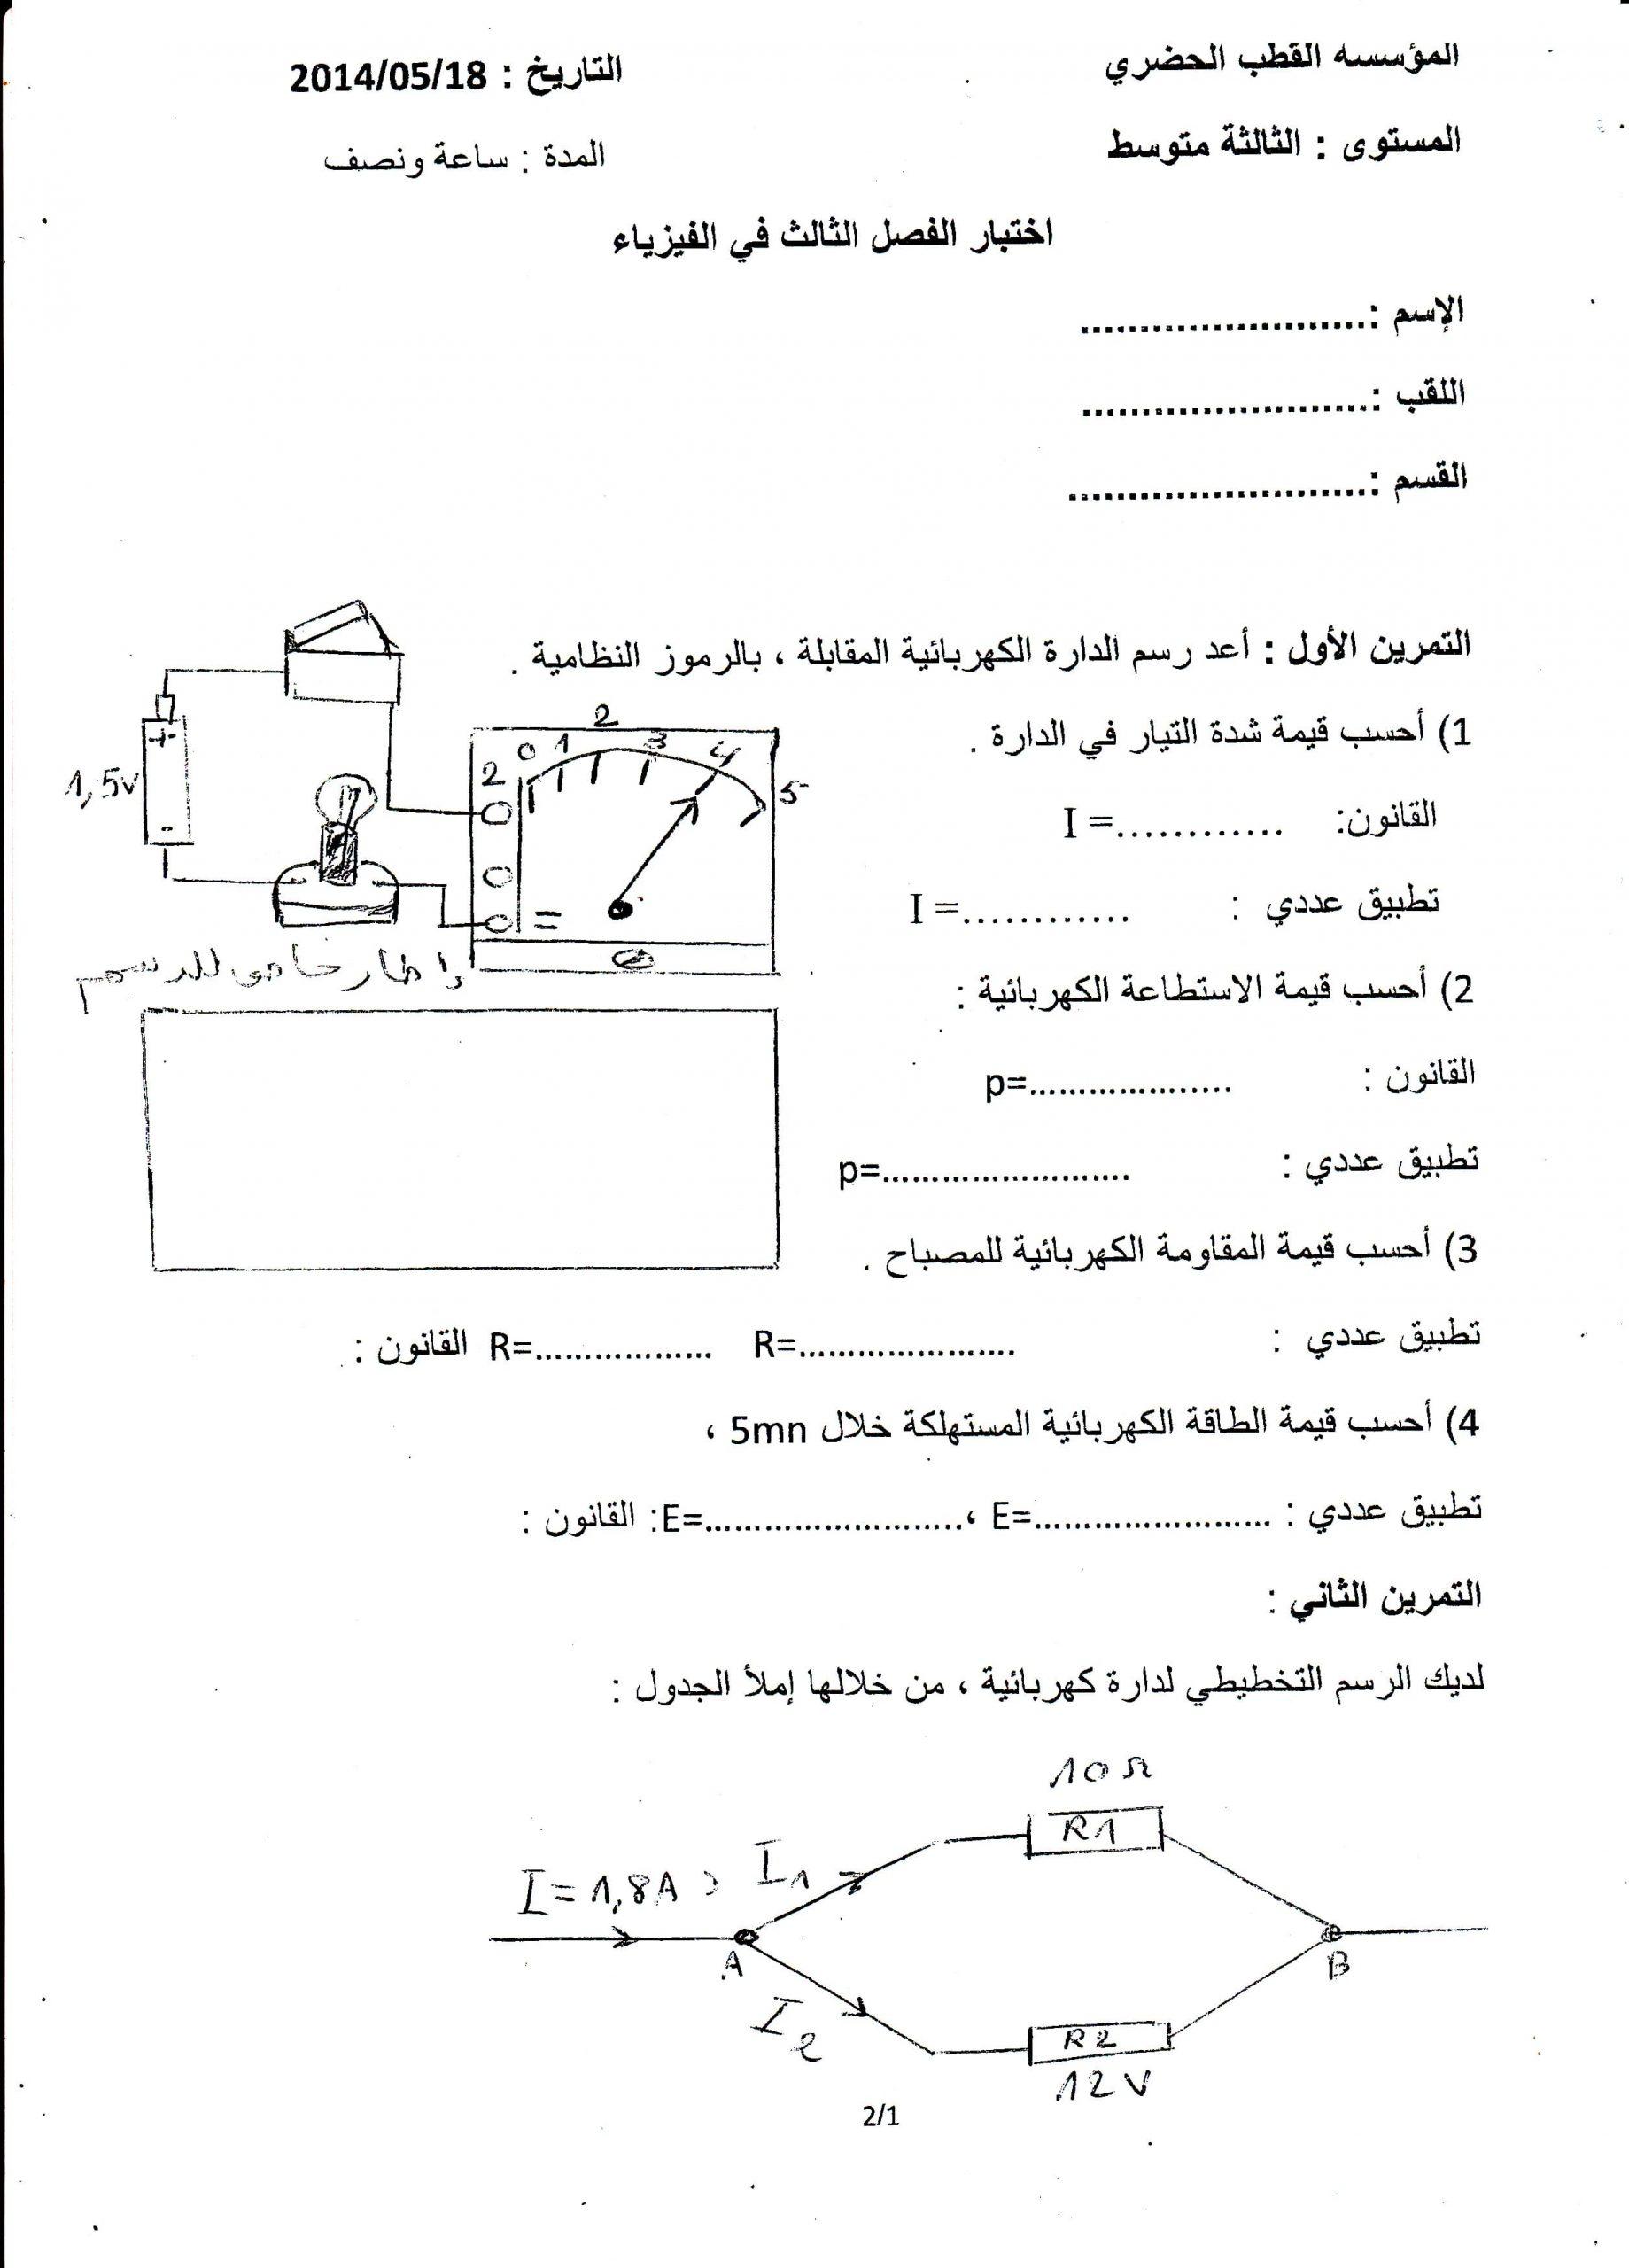 اختبار الفصل الثالث في العلوم الفيزيائية السنة الثالثة متوسط | الموضوع 01